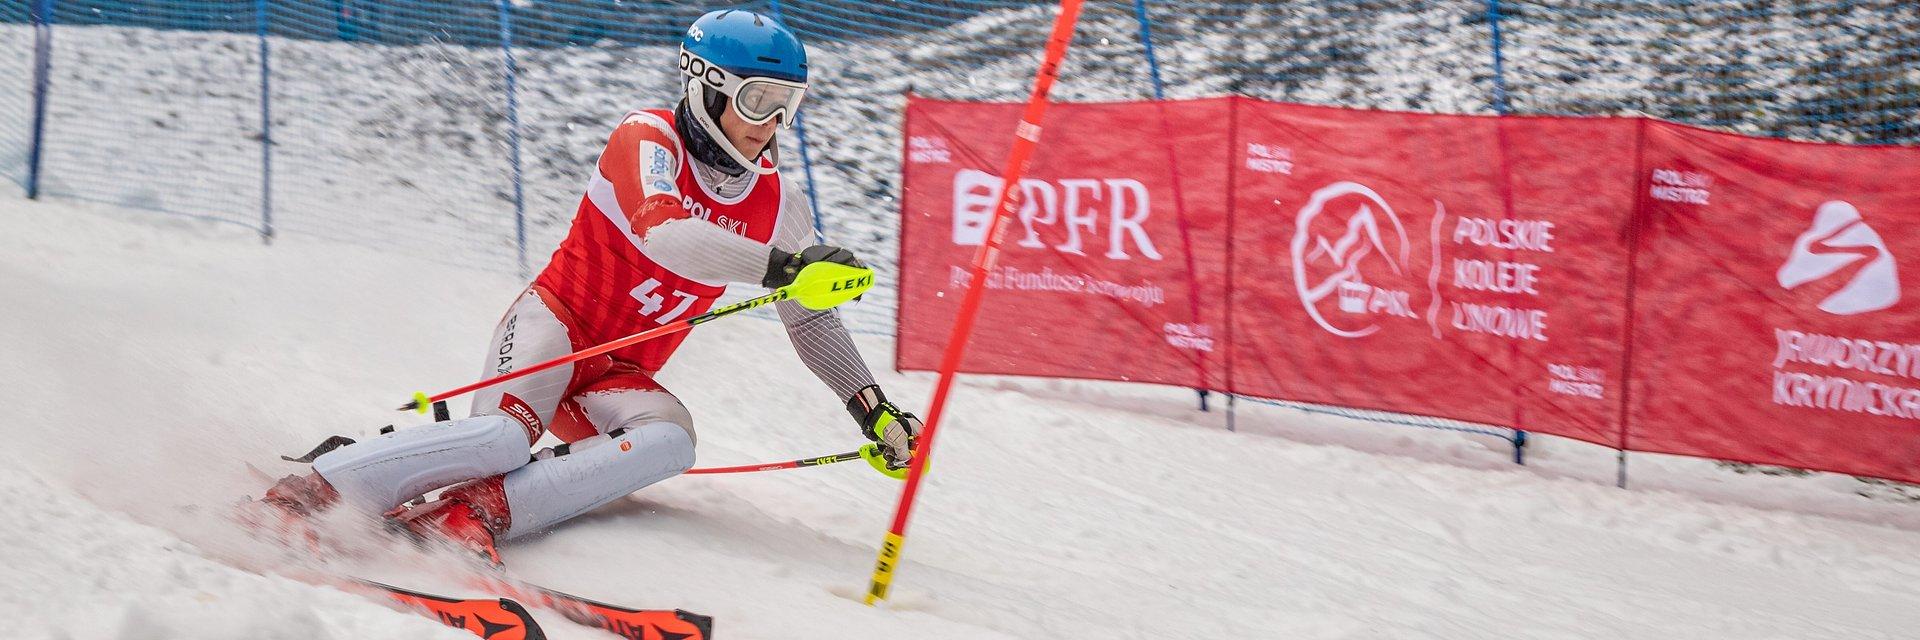 Bartłomiej Sanetra z podwójnym zwycięstwem w zawodach FIS w Szczawnicy